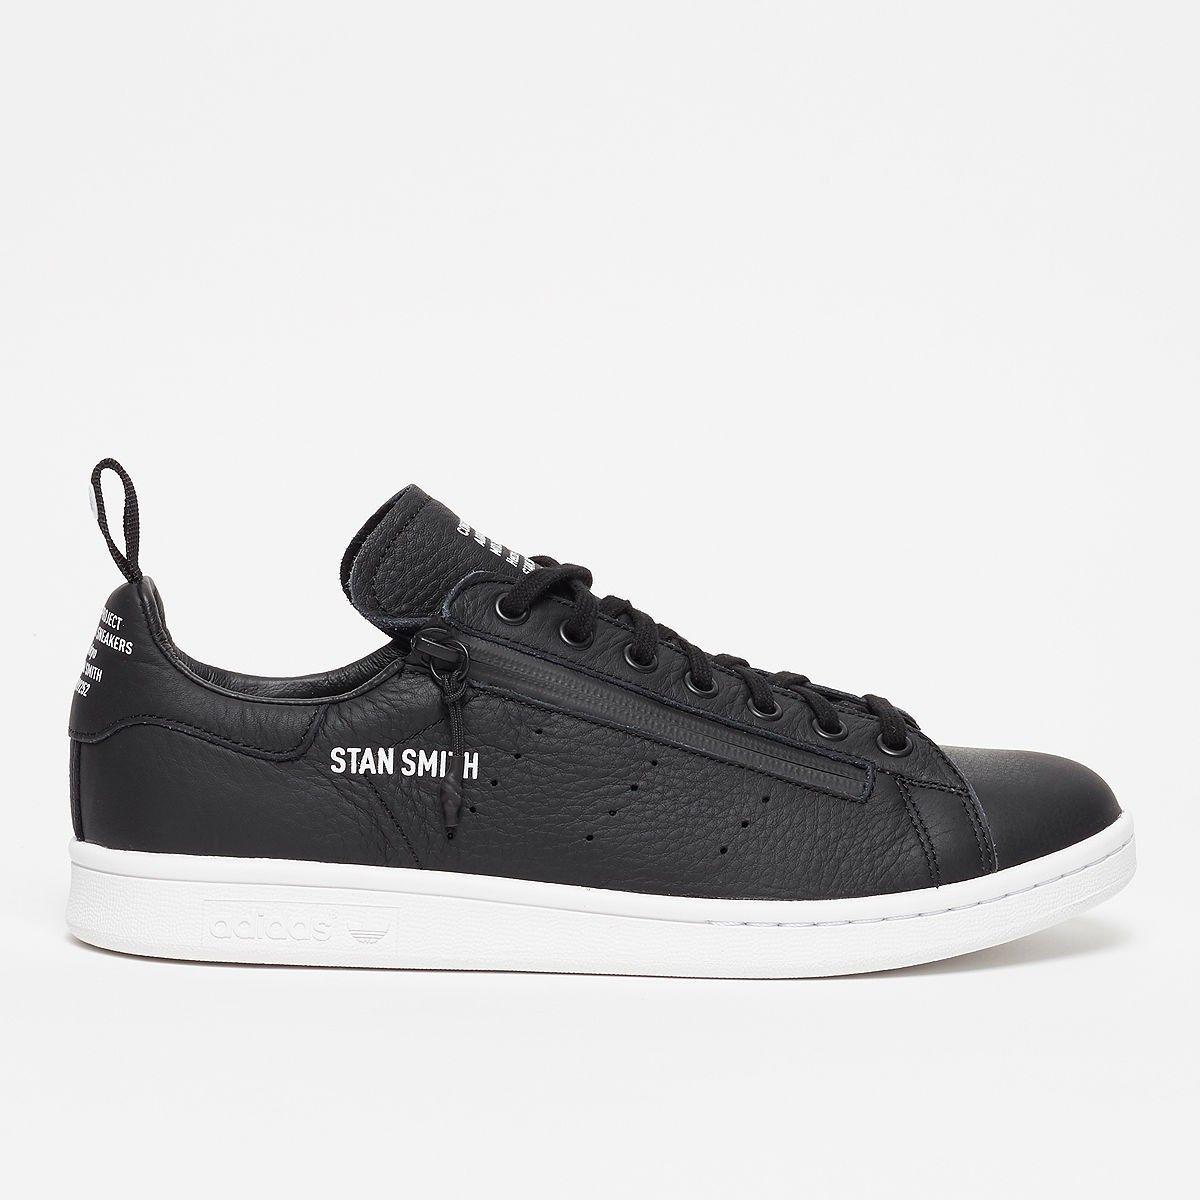 Adidas Stan Smith x MITA Men core blackcore blackftw white